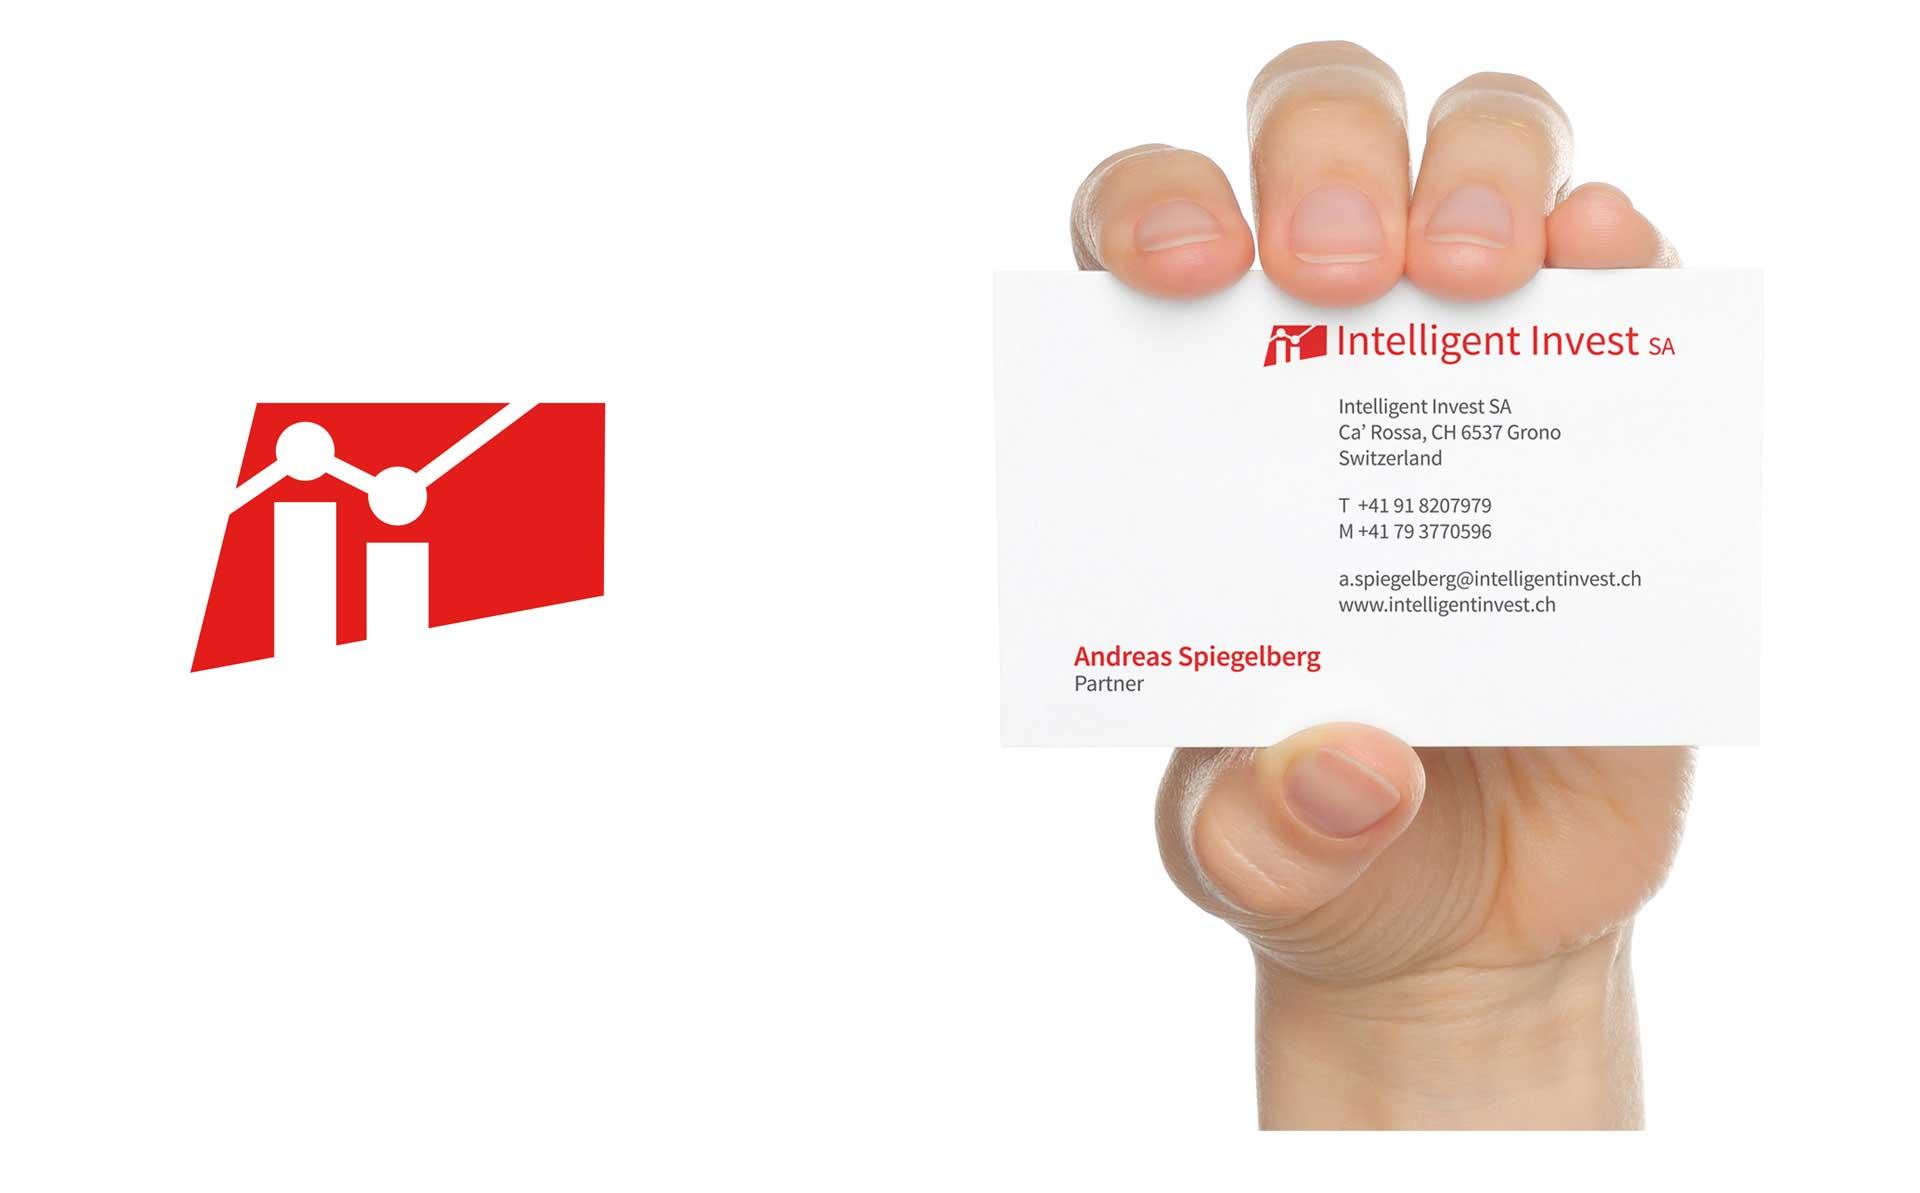 immagine aziendale - biglietto da visita per azienda finanziara